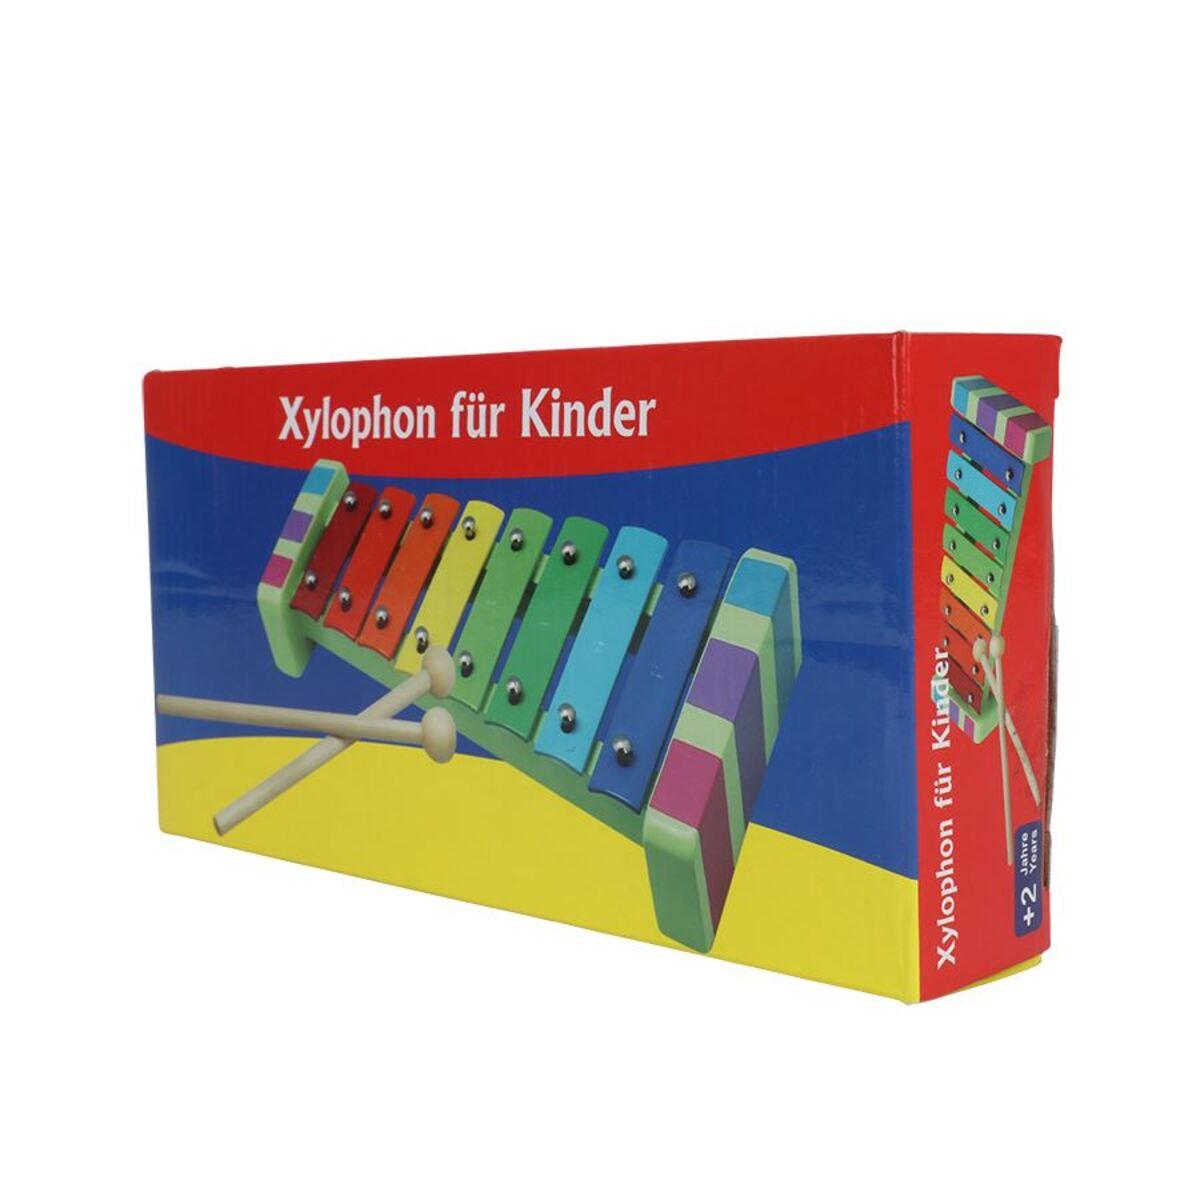 Bild 2 von Kinder-Xylophon mit 2 Klanghölzern